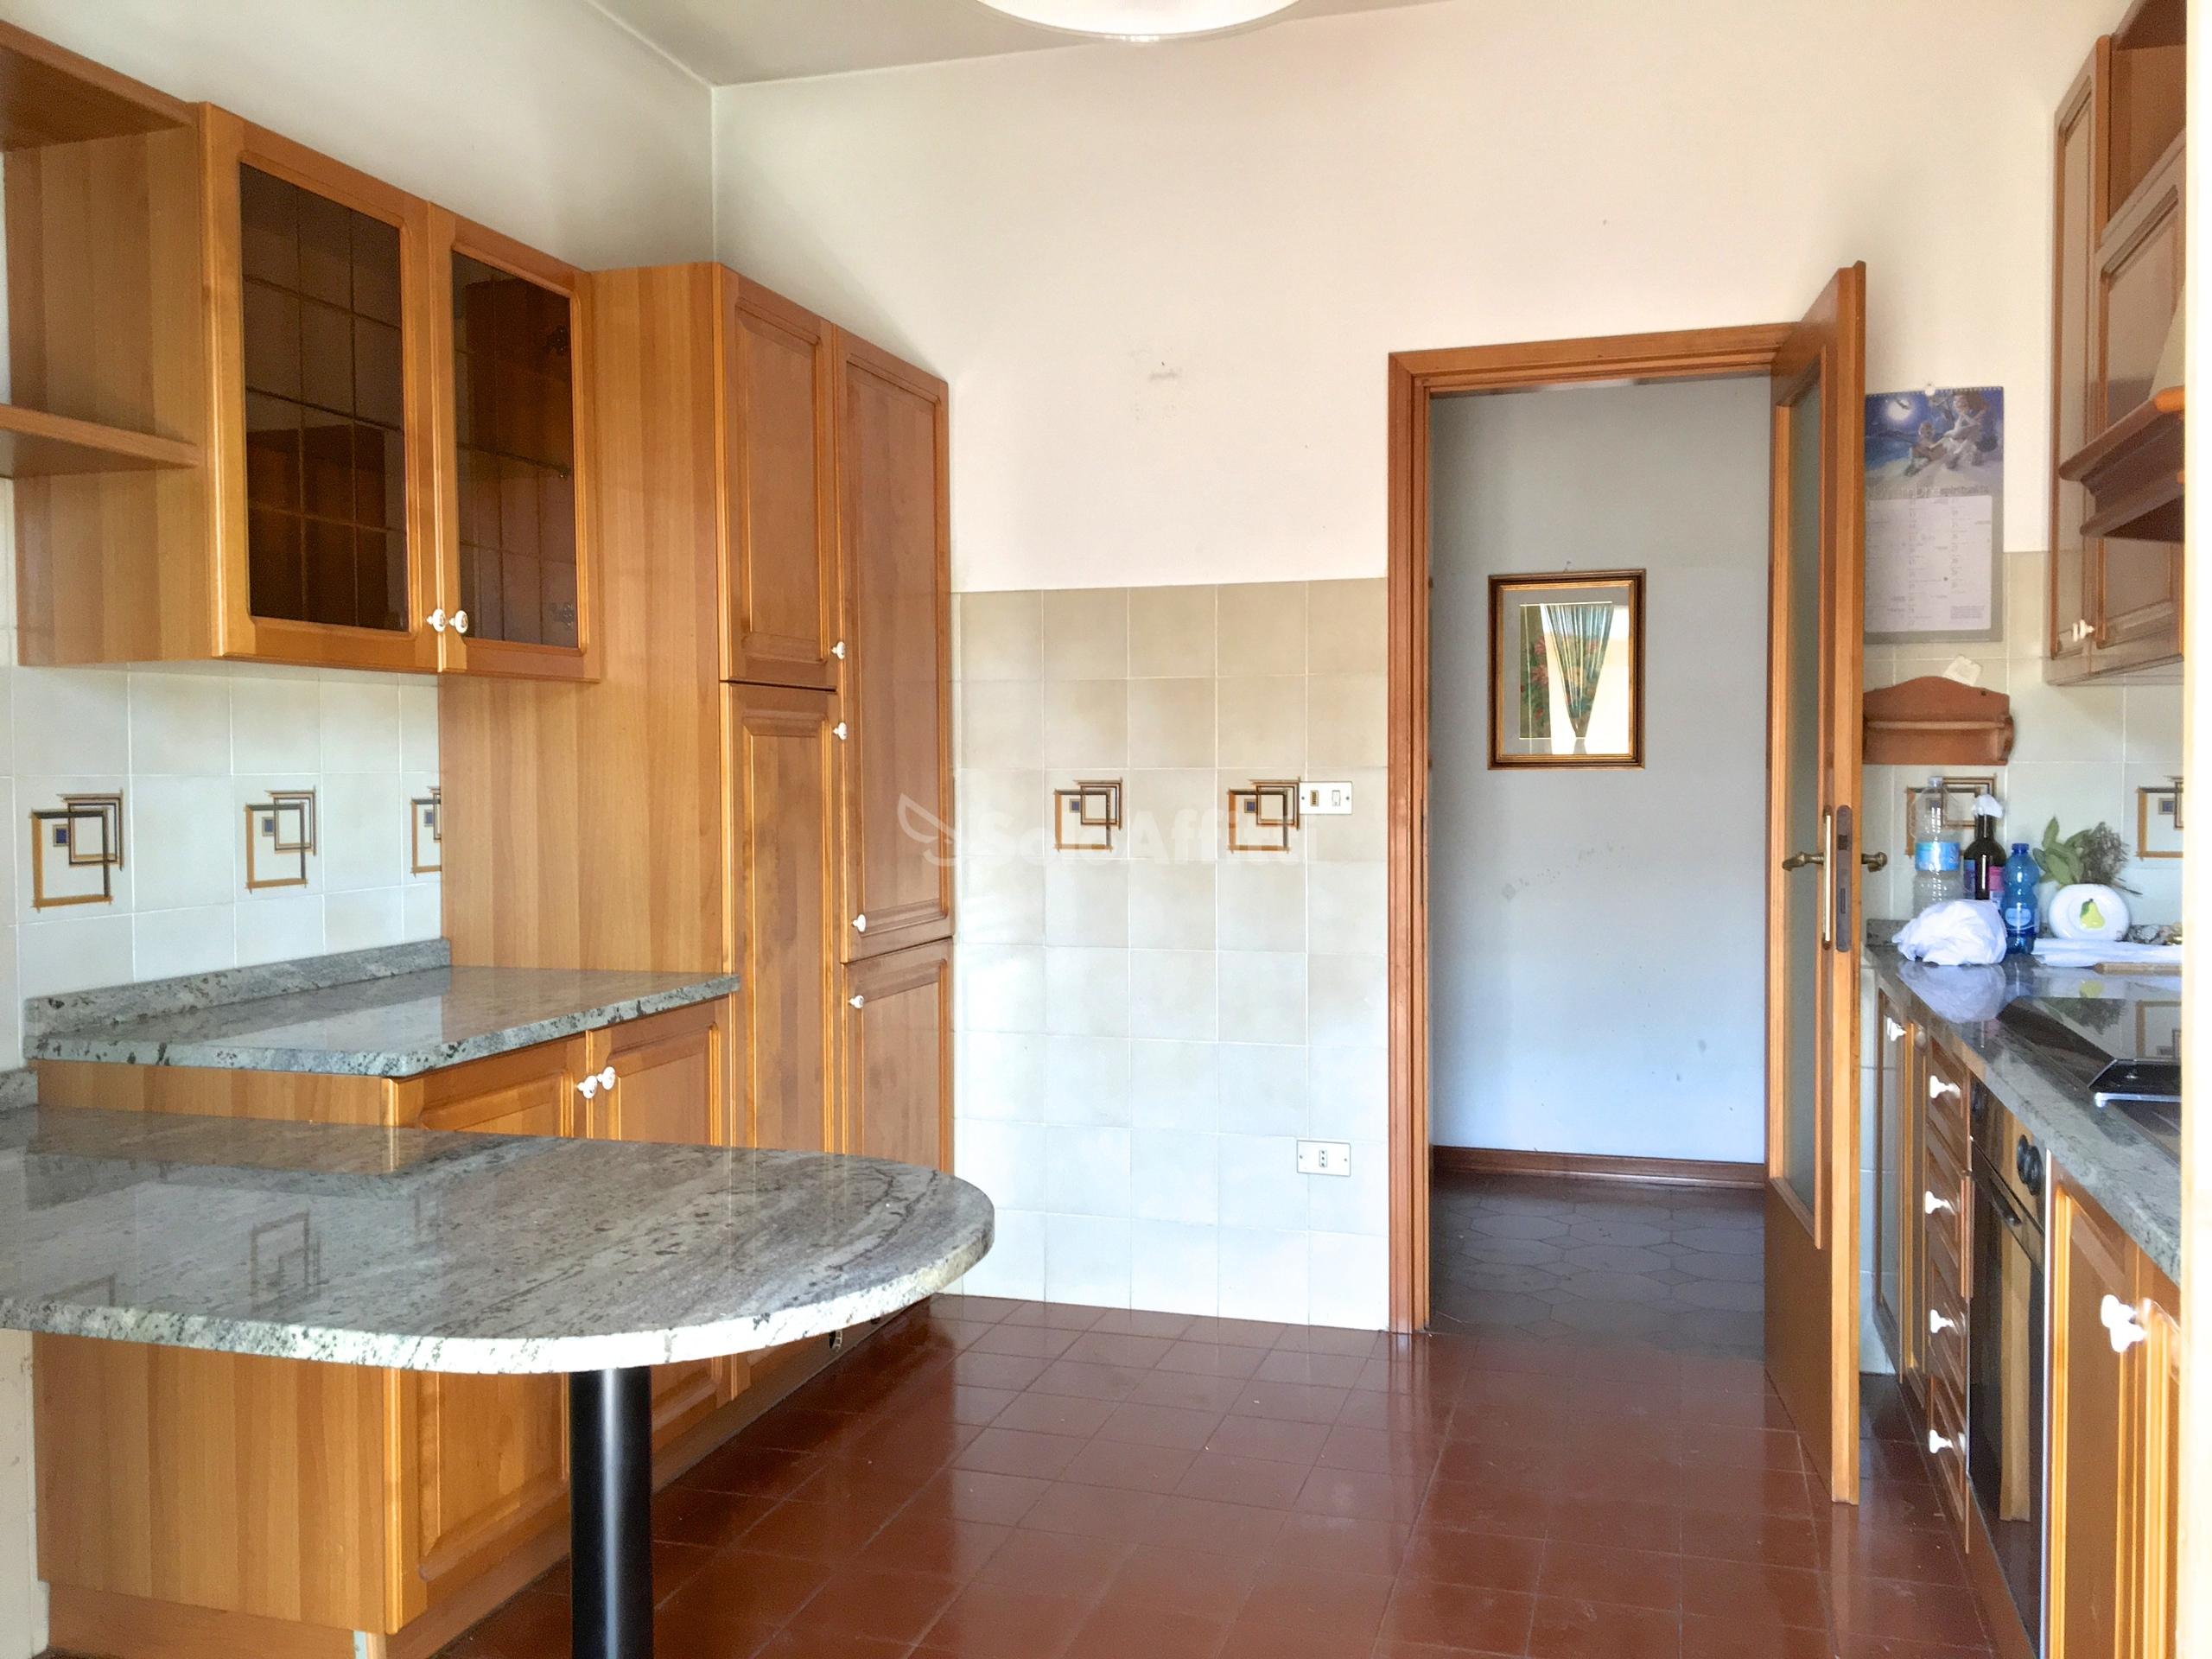 cucina www.forli3.soloaffitti.it